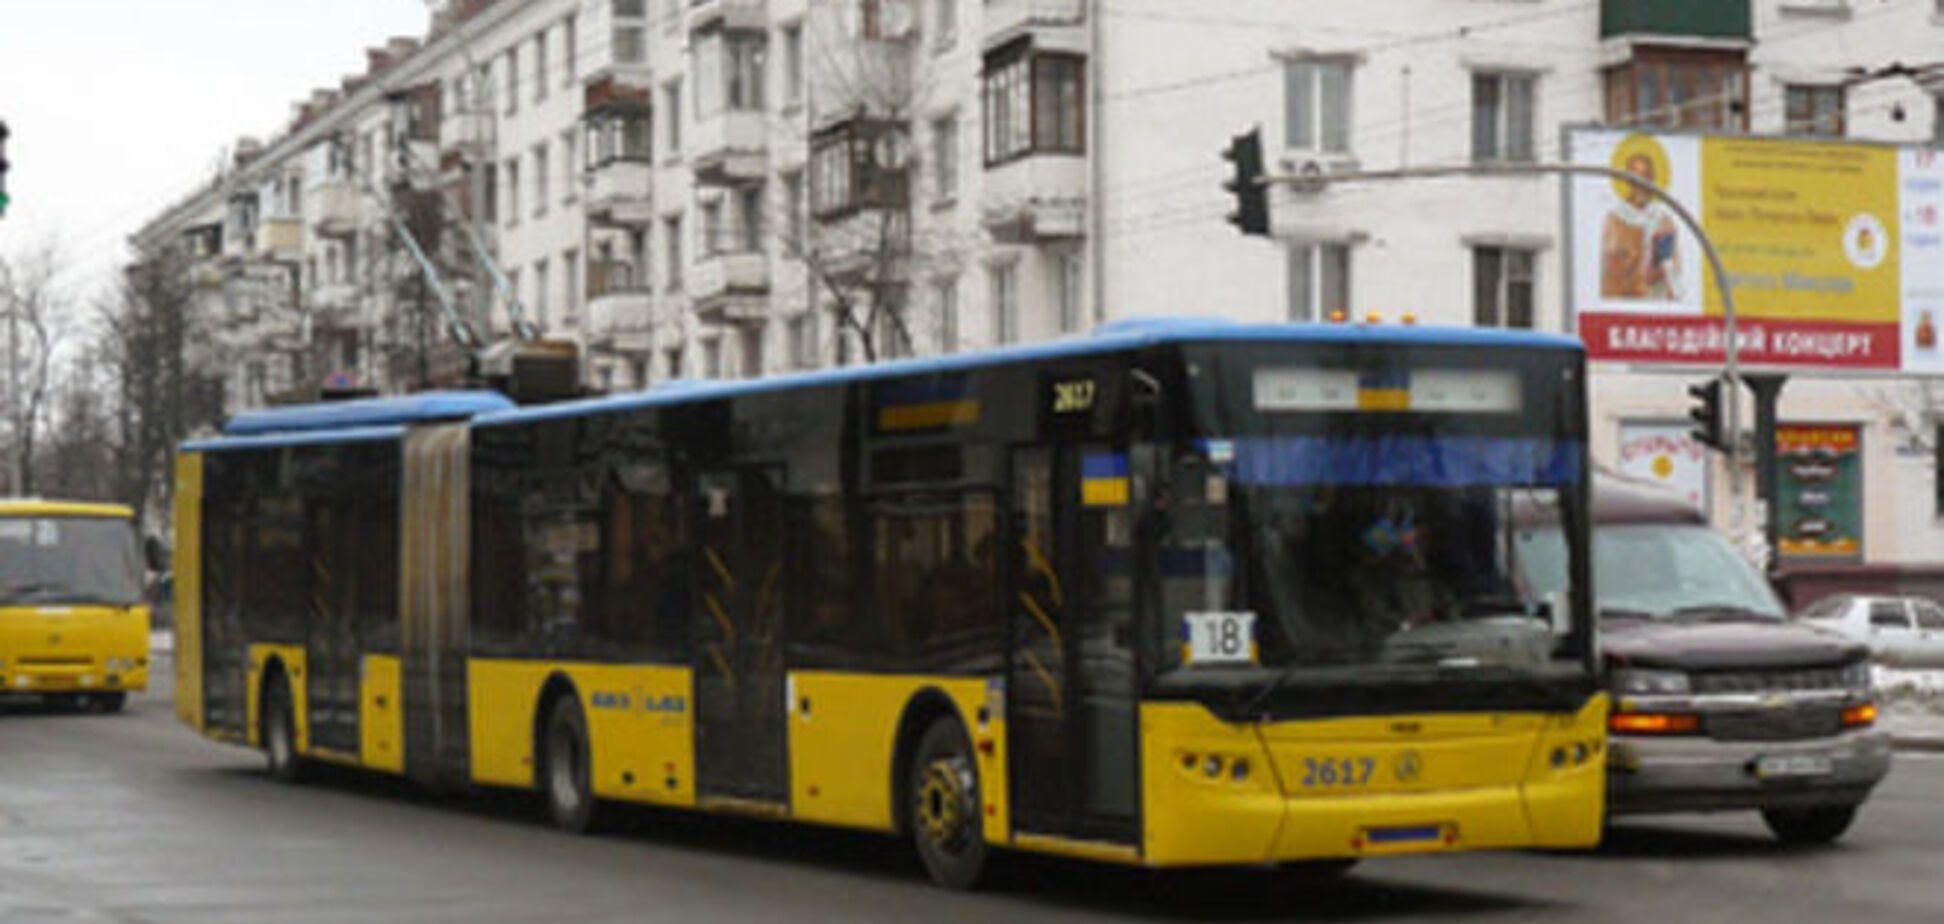 Прокурора ГПУ ограбили в столичном троллейбусе: вытащили все, что можно было